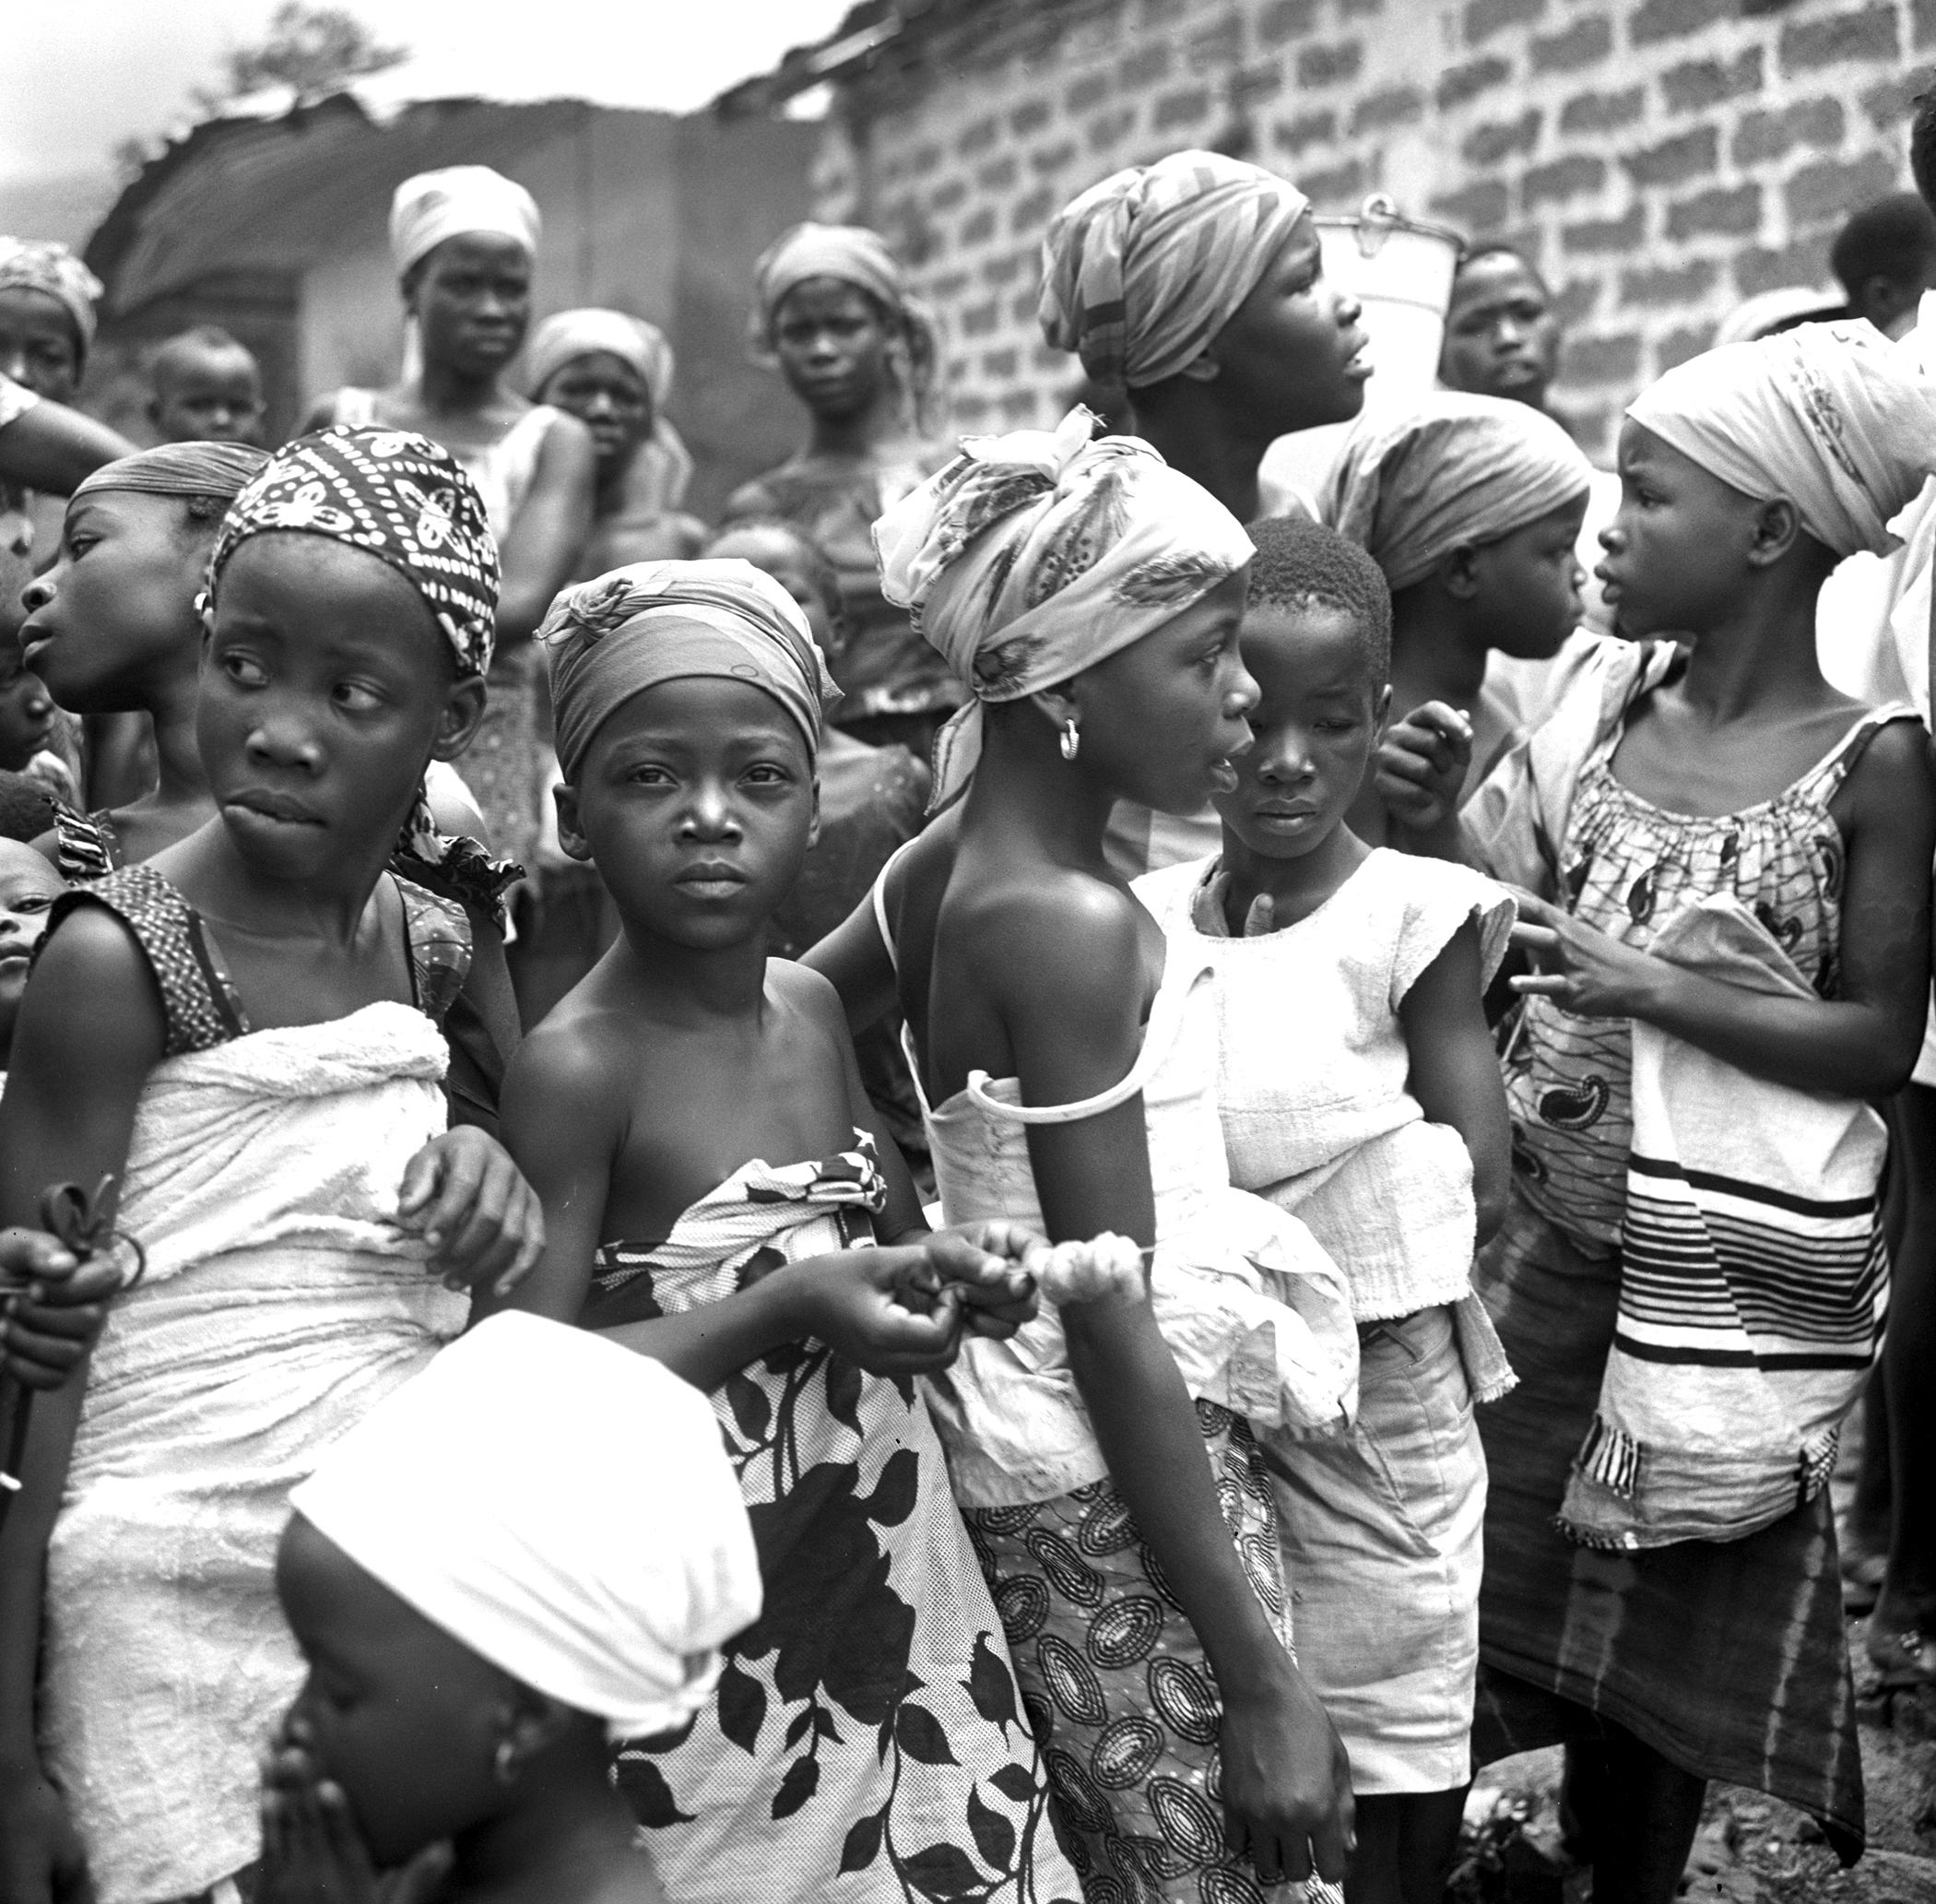 AFRICAN MARKET I - 1965